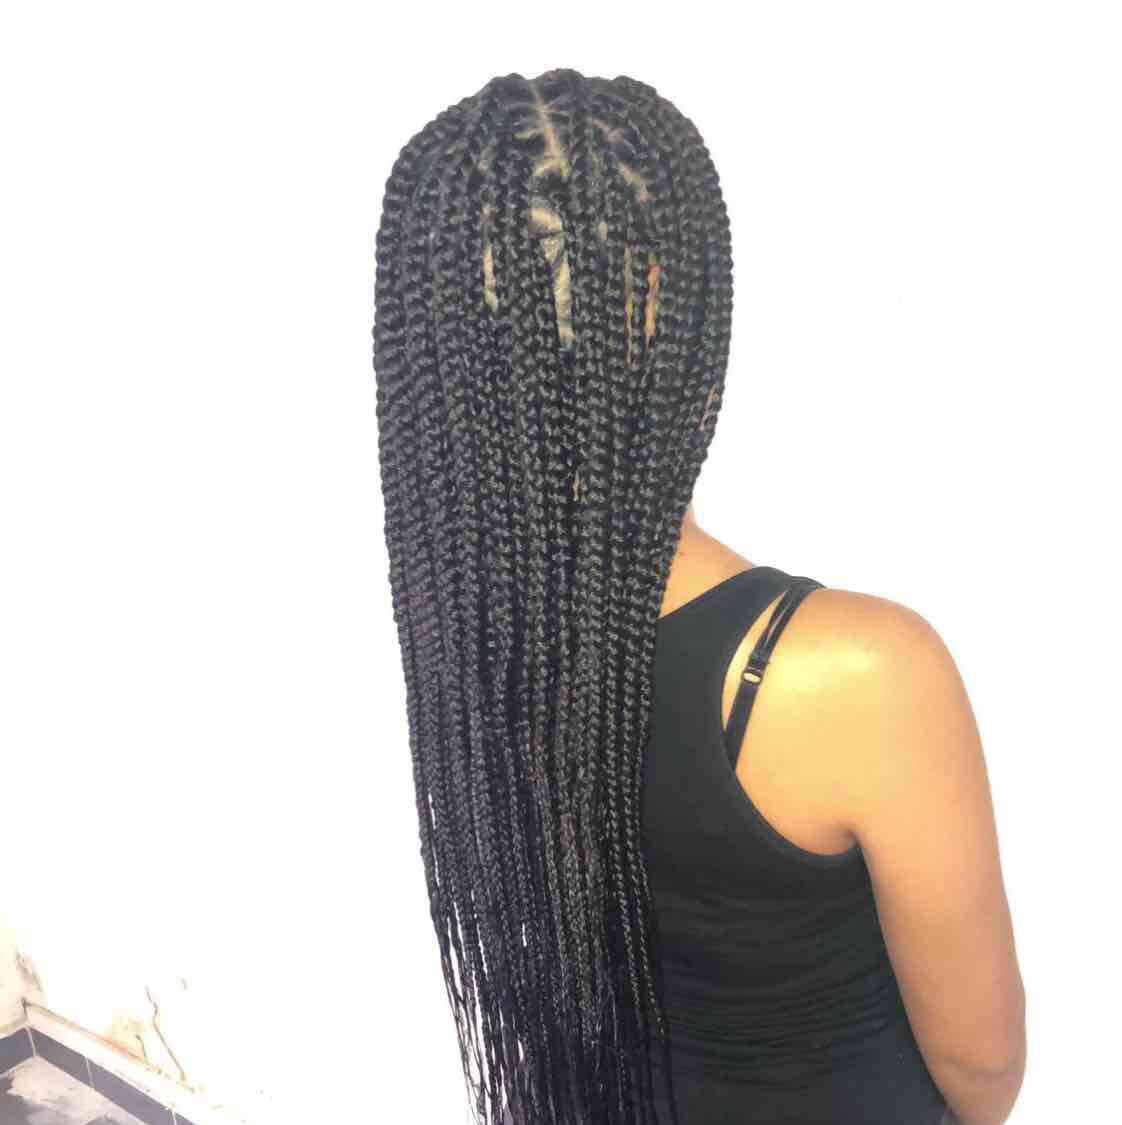 salon de coiffure afro tresse tresses box braids crochet braids vanilles tissages paris 75 77 78 91 92 93 94 95 PDUJKYUR